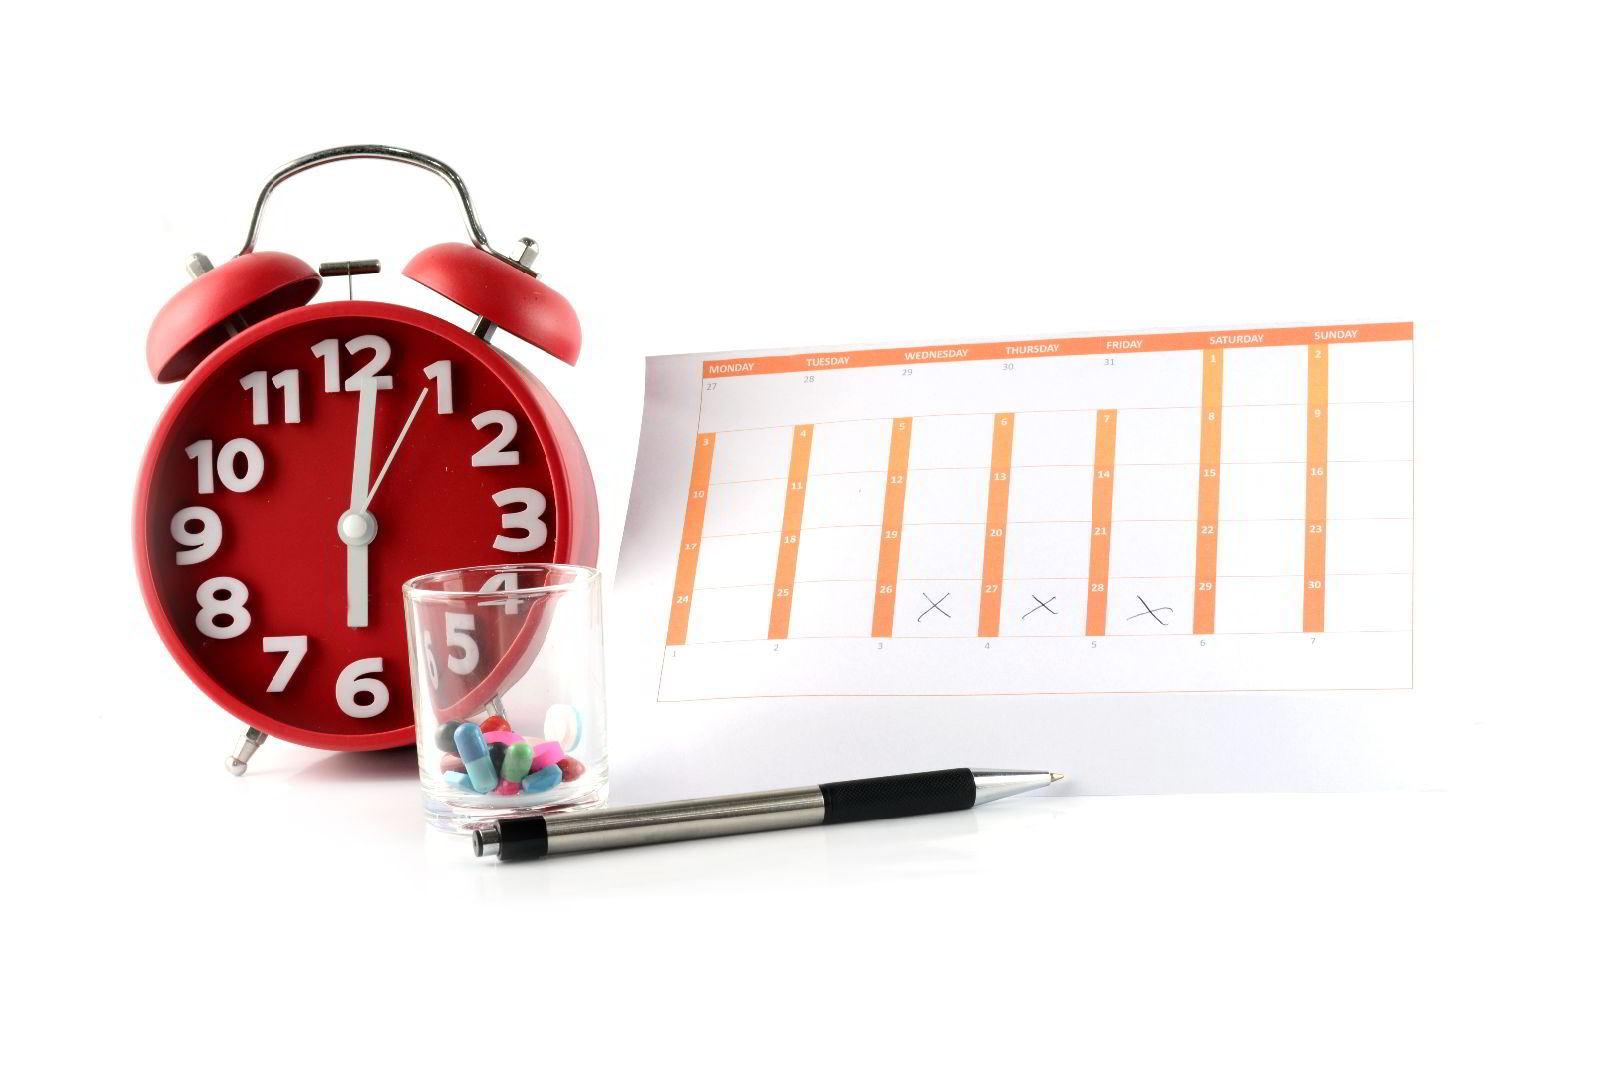 Reloj rojo con gráficas y pluma